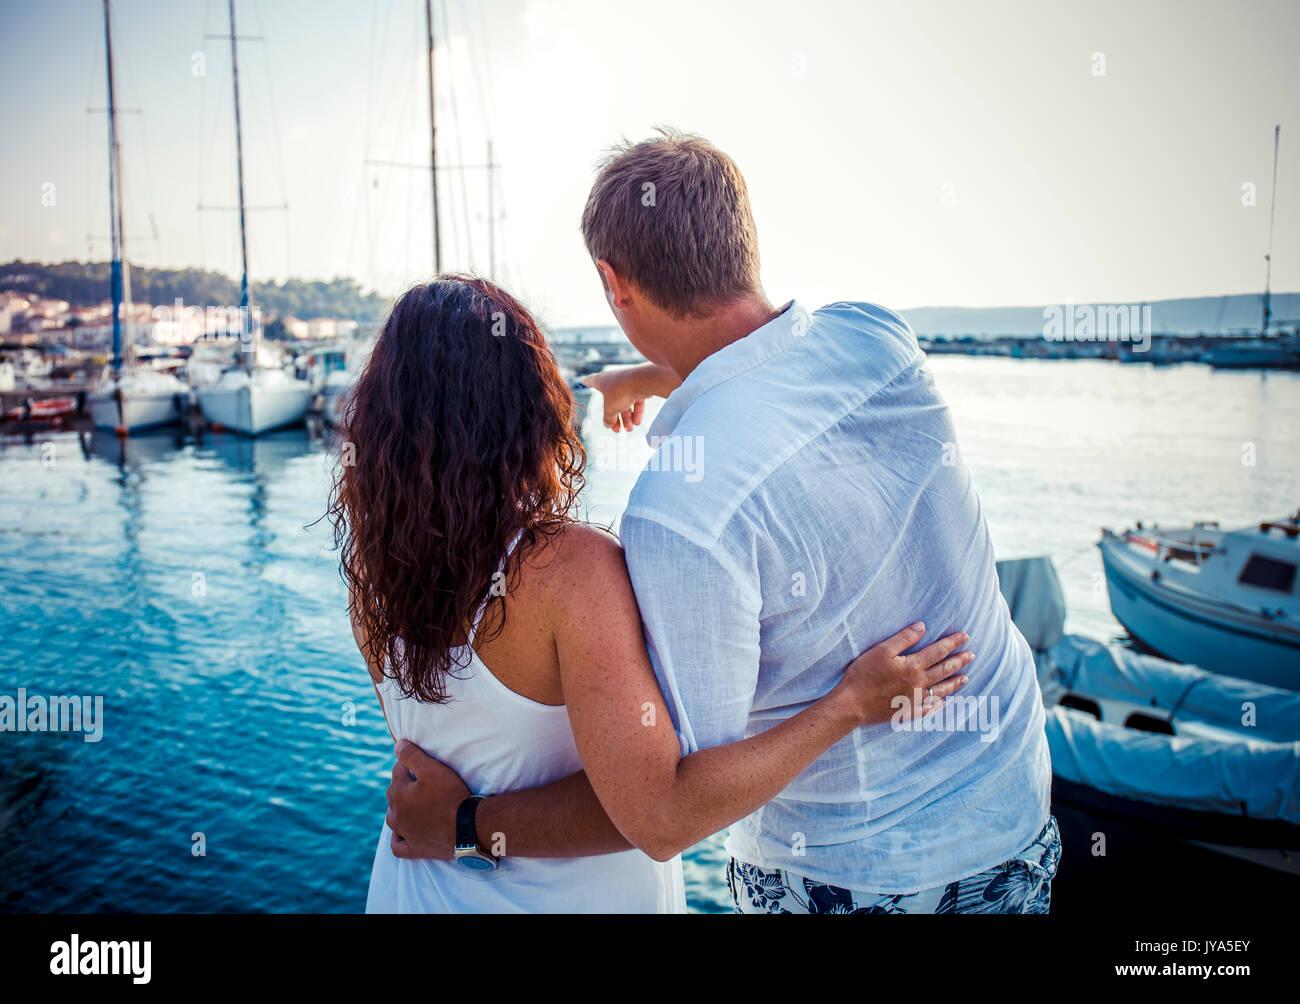 Back view, couple hug on boat marine background - Stock Image